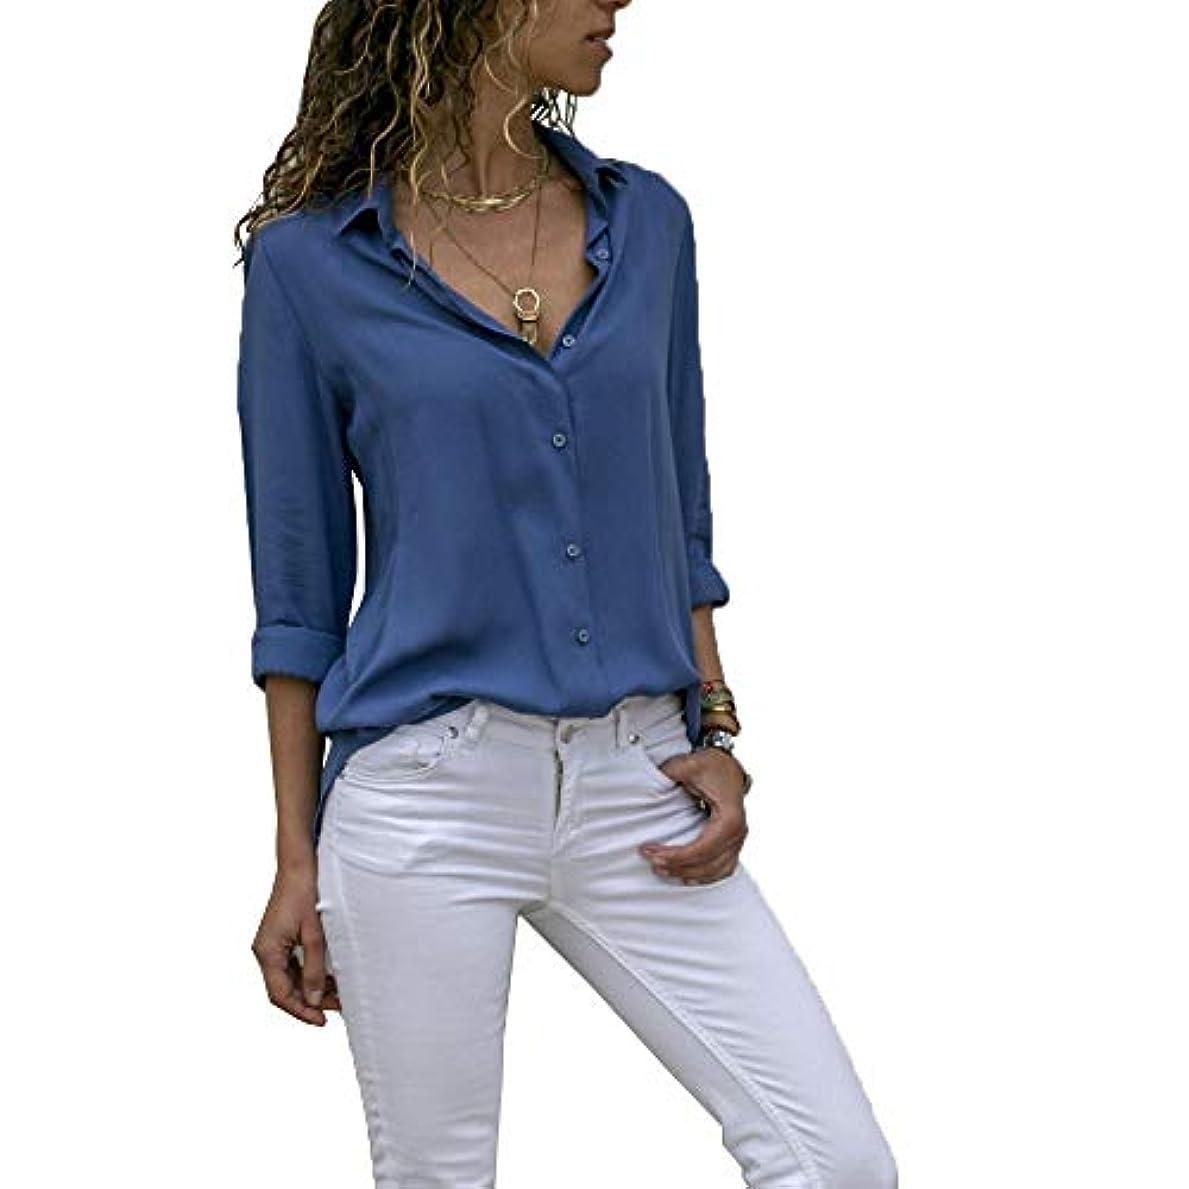 マイルストーン評価お風呂を持っているMIFAN ルーズシャツ、トップス&Tシャツ、プラスサイズ、トップス&ブラウス、シフォンブラウス、女性トップス、シフォンシャツ